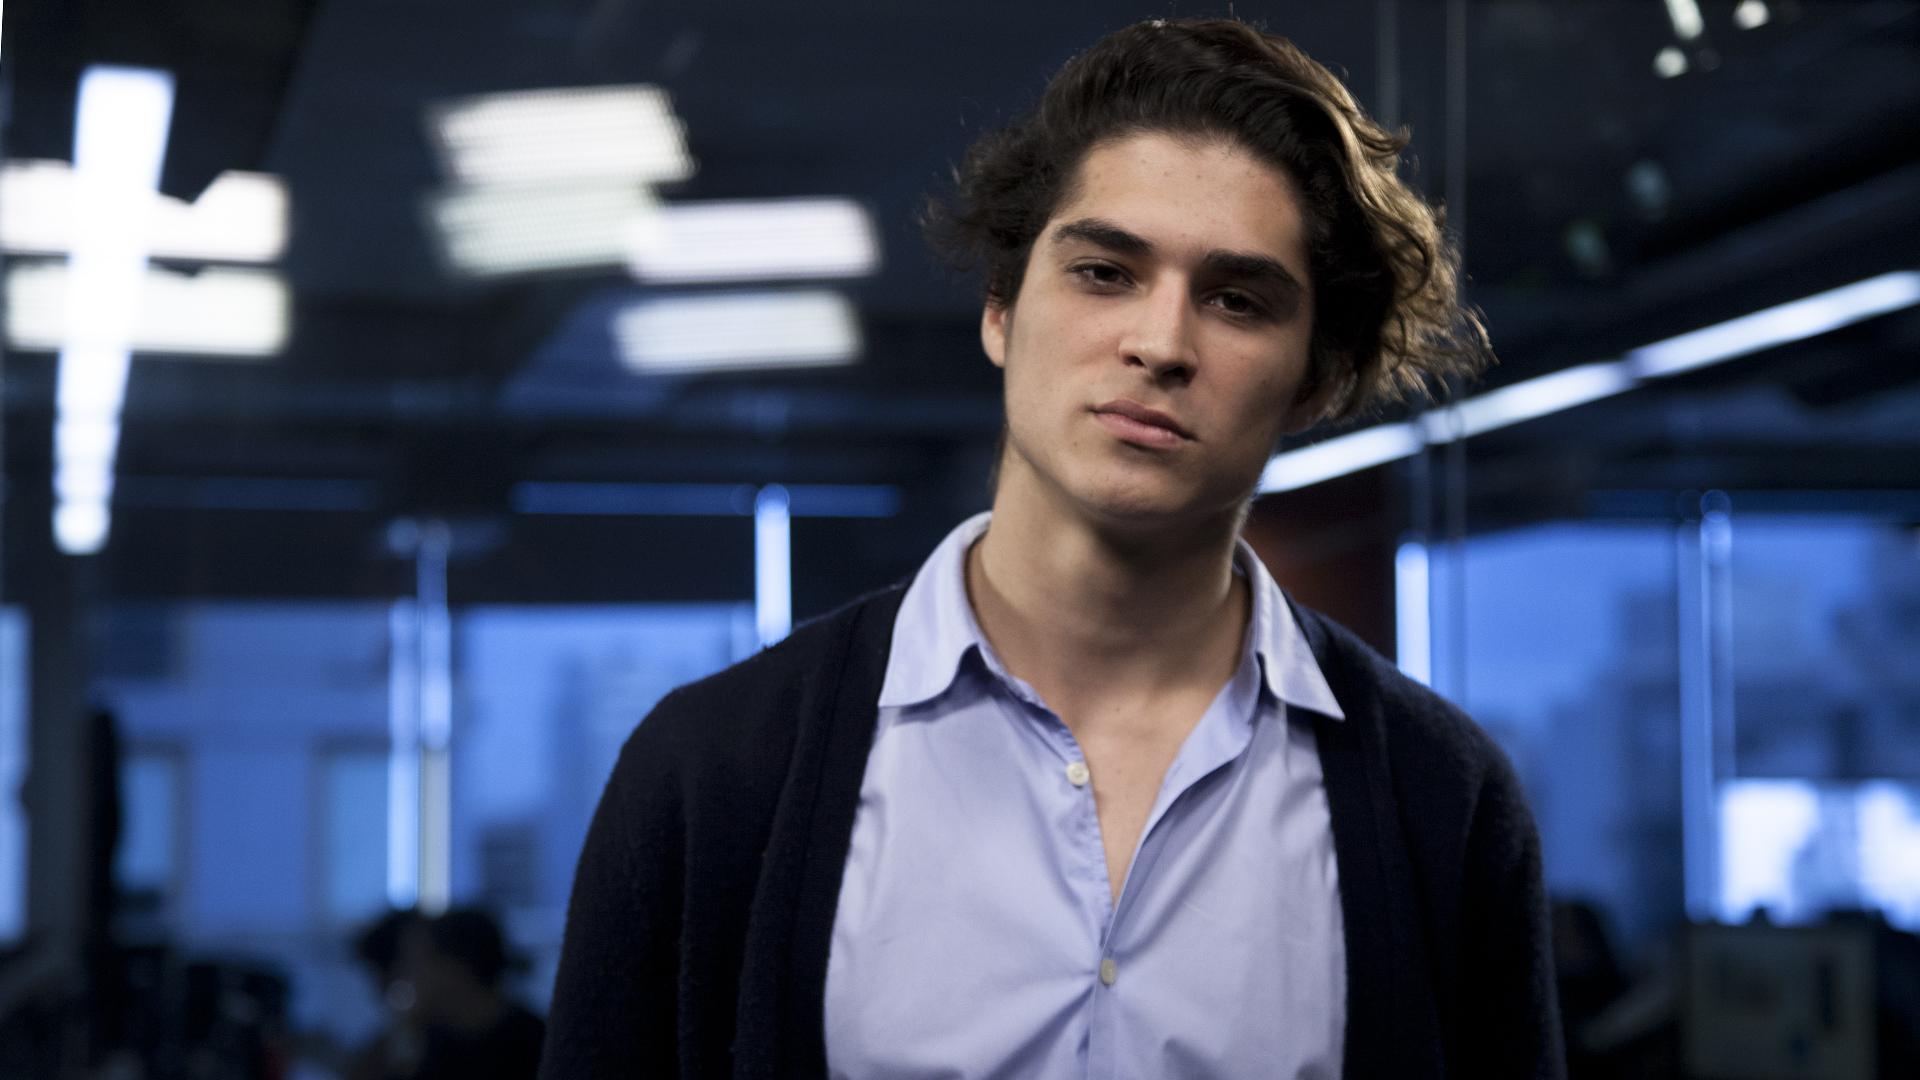 Gerónimo Maspero, emprendedor tecnológico de 21 años (Crédito: Santiago Saferstein)